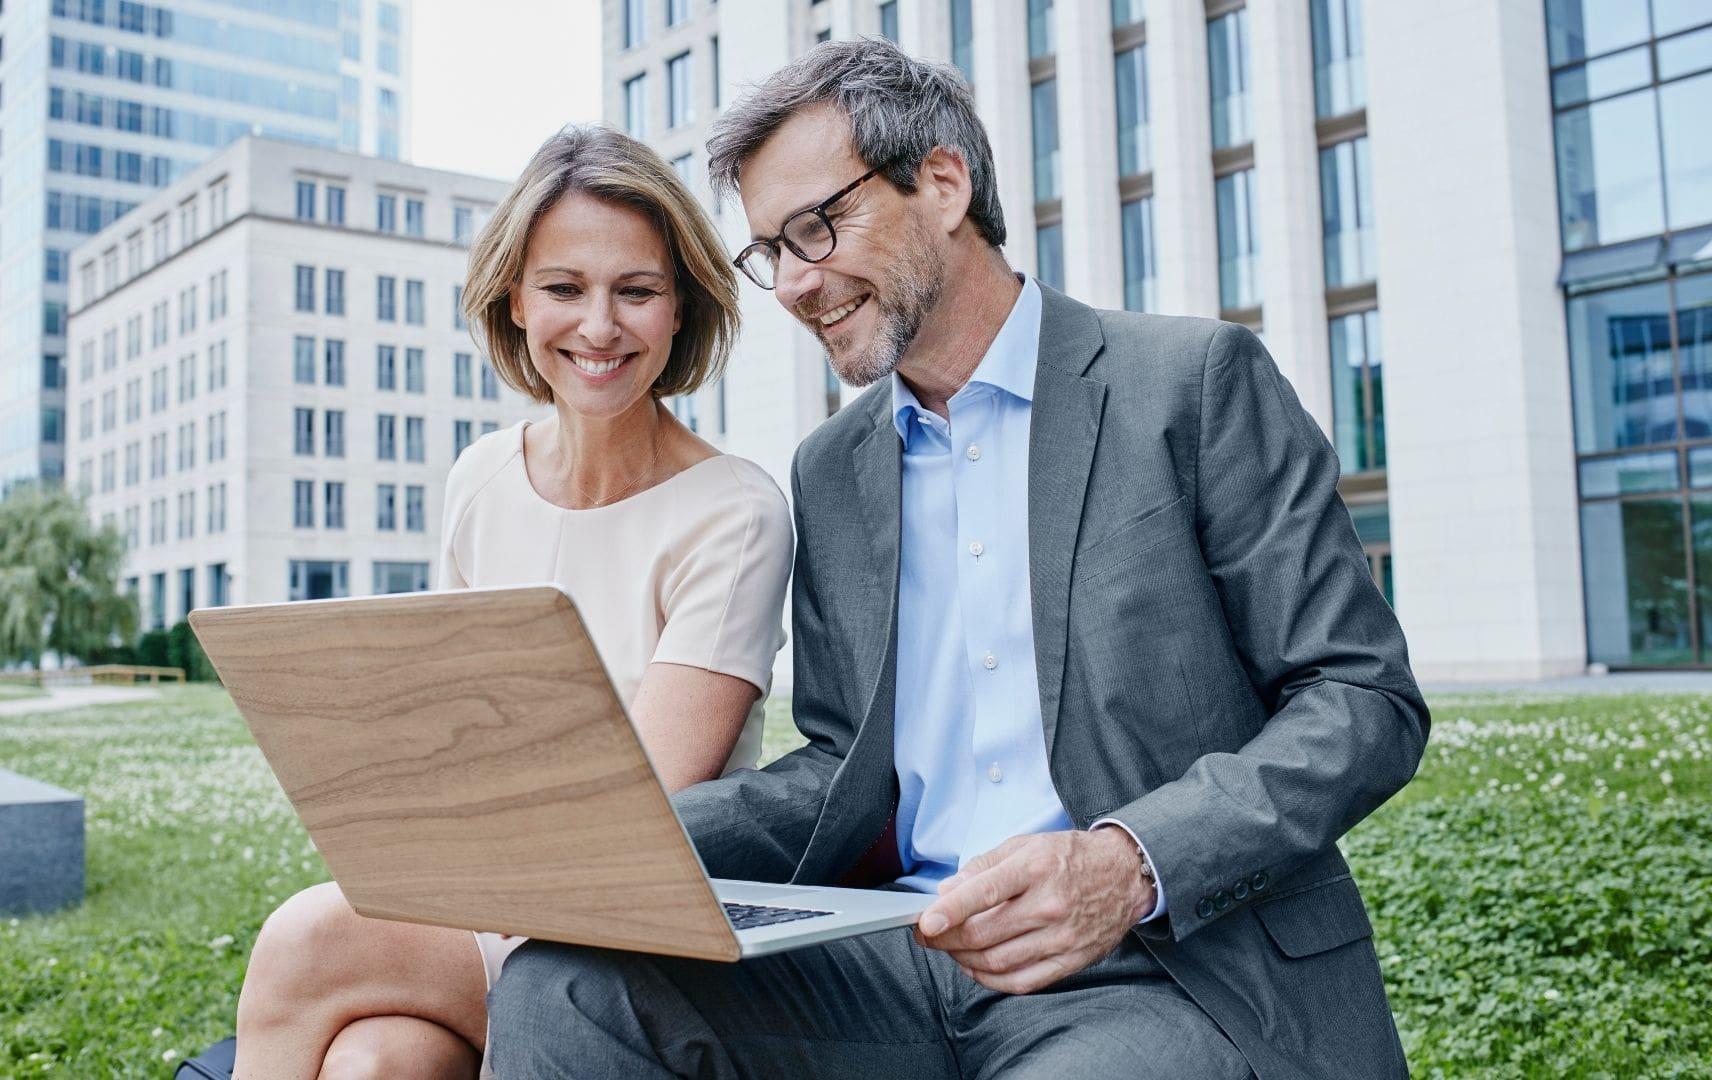 Geschäftsreiseservice rund um die Uhr Geschäftsmann und Geschäftsfrau mit Laptop in der Frankfurter City